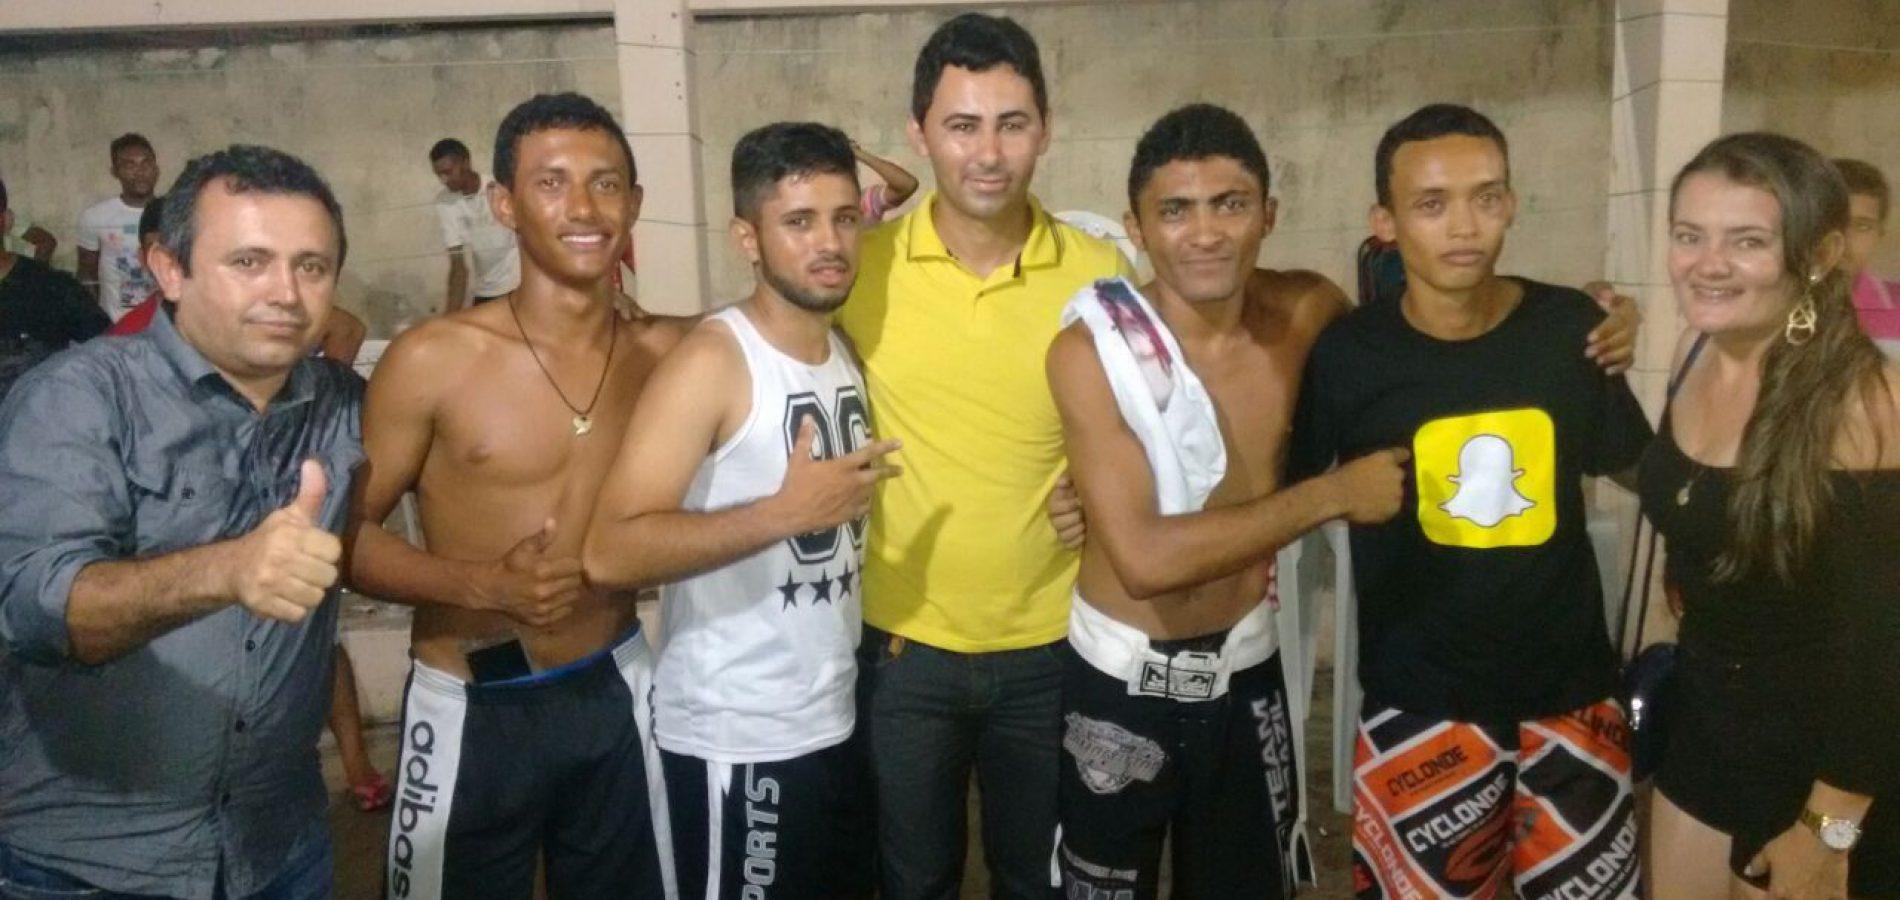 Antonio Tiago e Flávio Sousa participam de disputa de MMA entre adolescentes  de Vila Nova e Francisco Santos